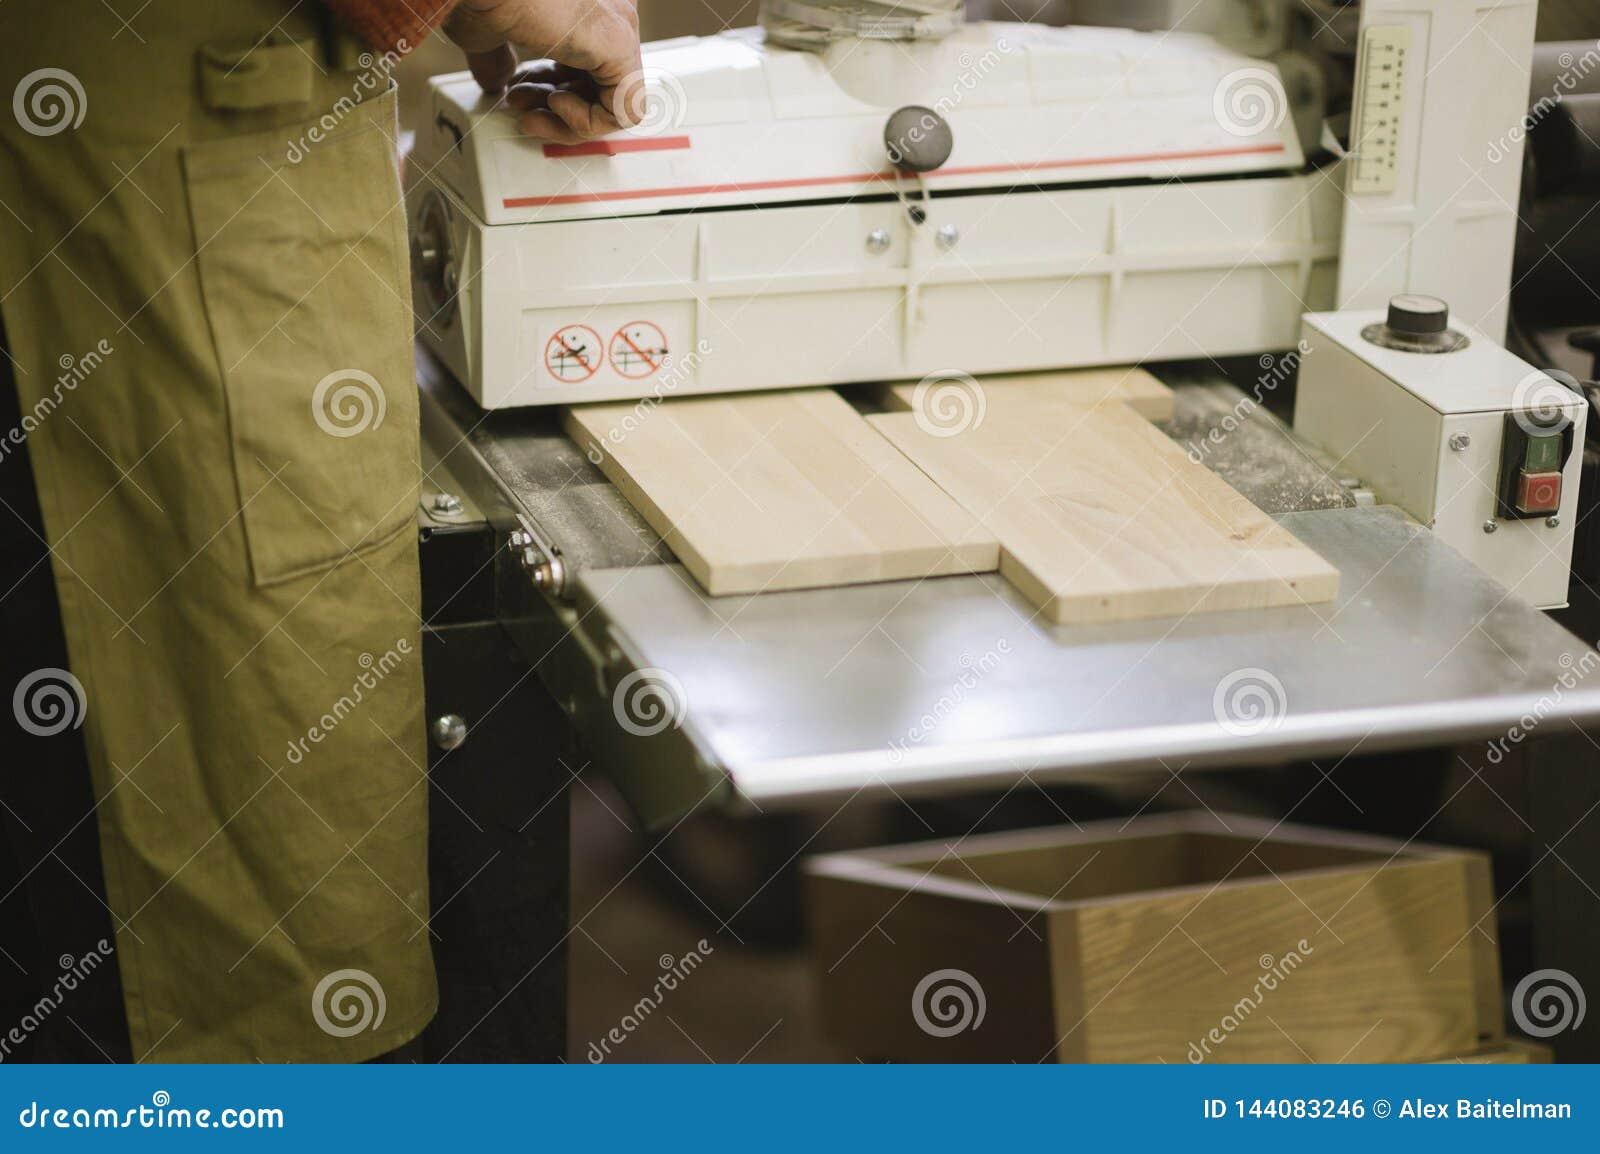 De meester werkt aan een vlakslijpenmachine in de timmerwerkworkshop